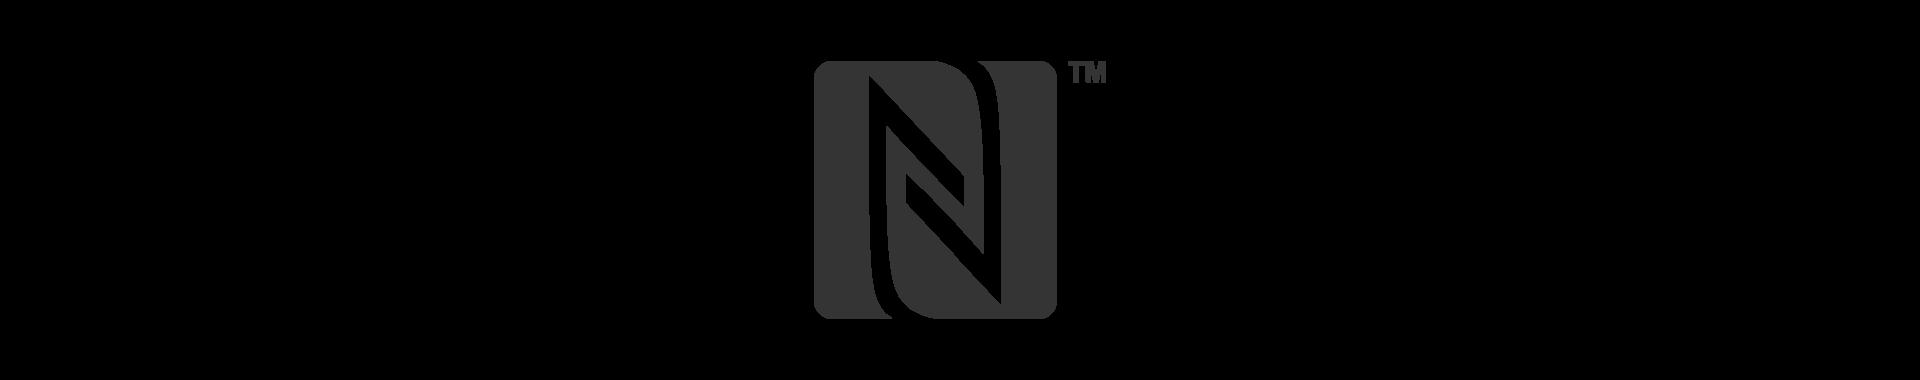 Offizielles NFC-Forum Logo